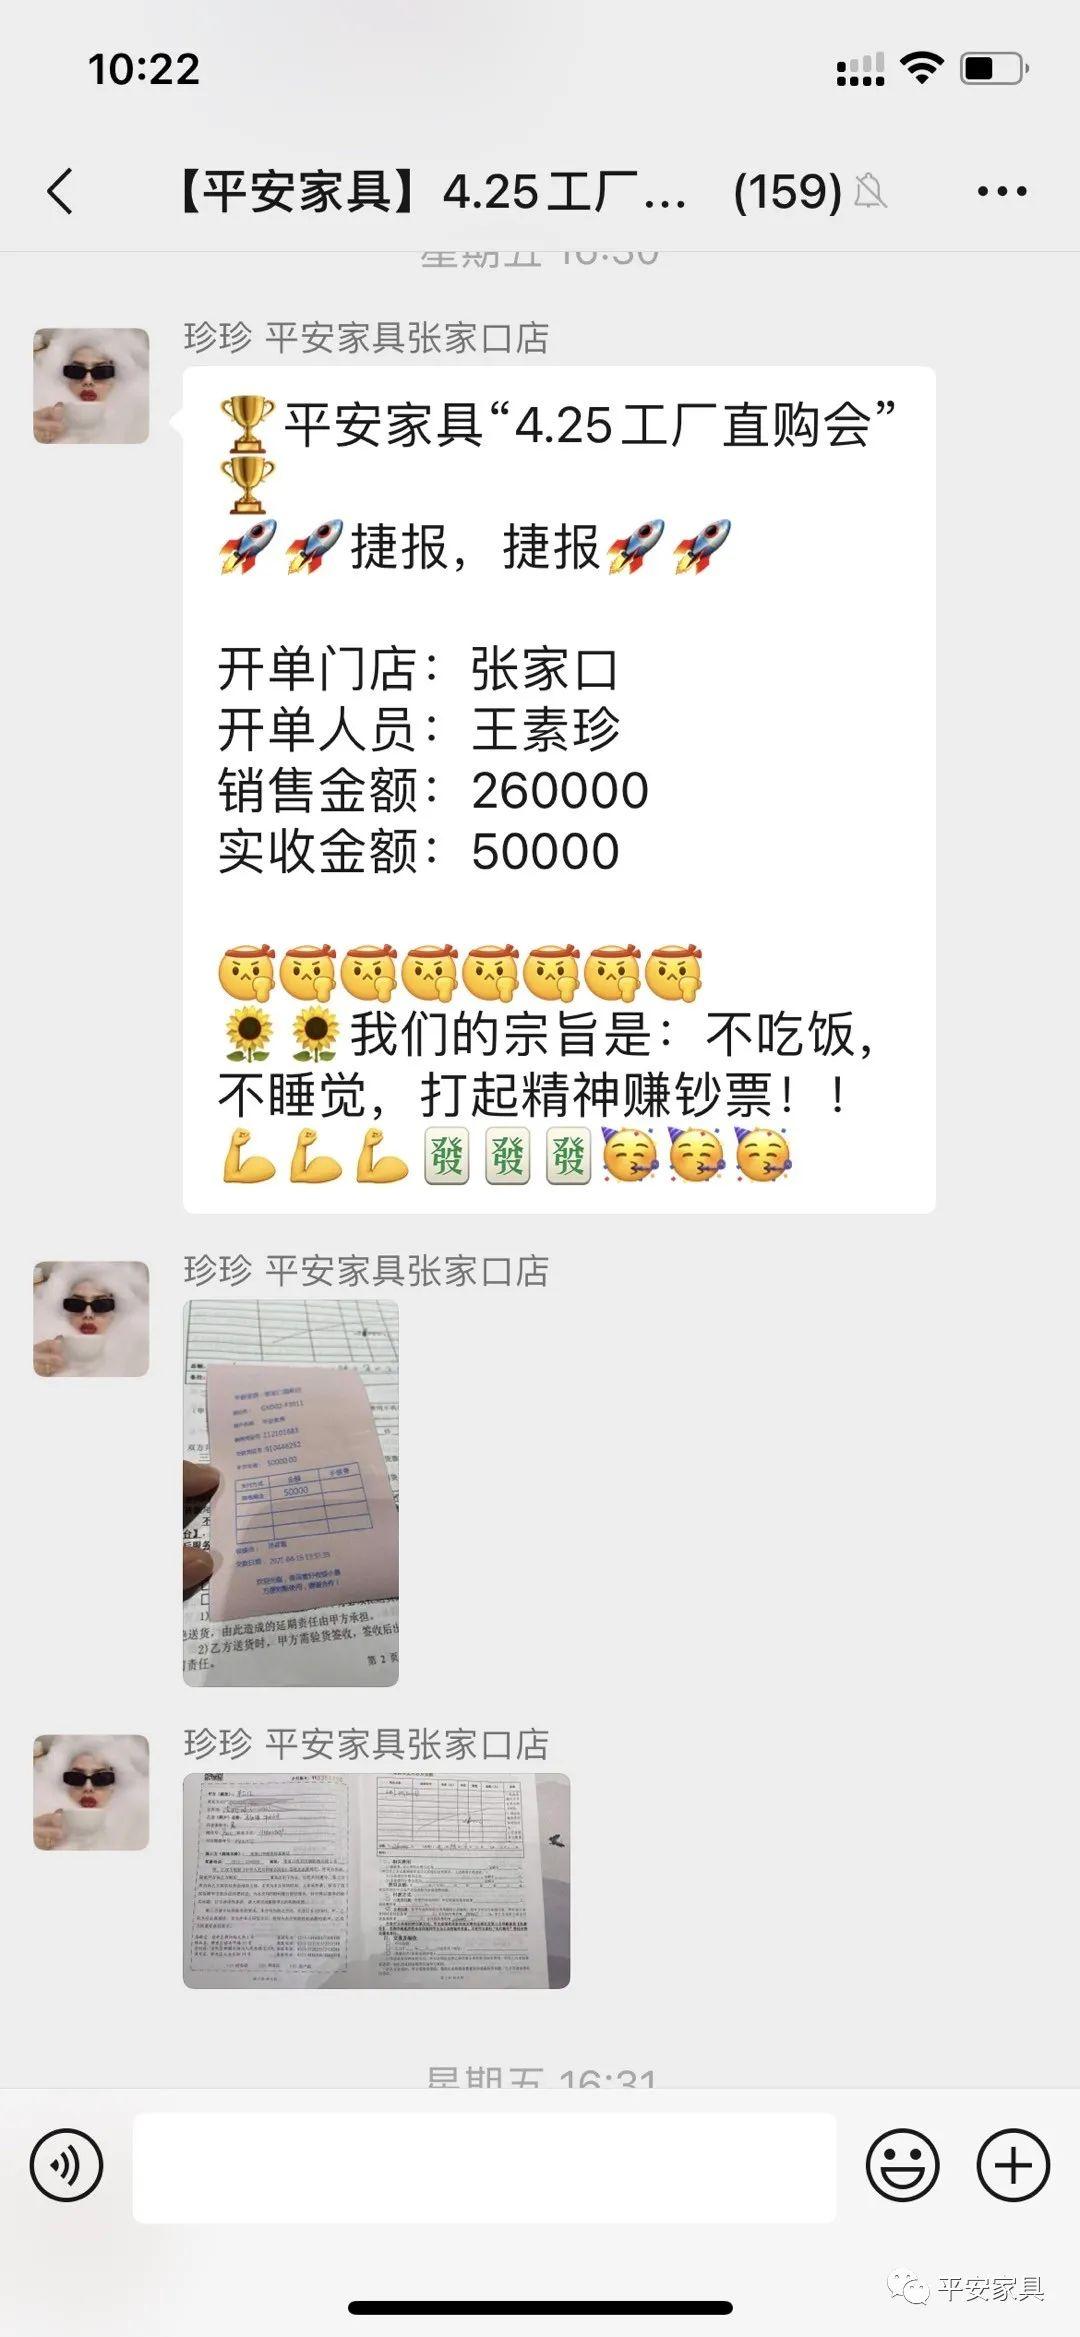 """平安家具:4月25日厂购会开启""""全案智慧家居""""新模式"""